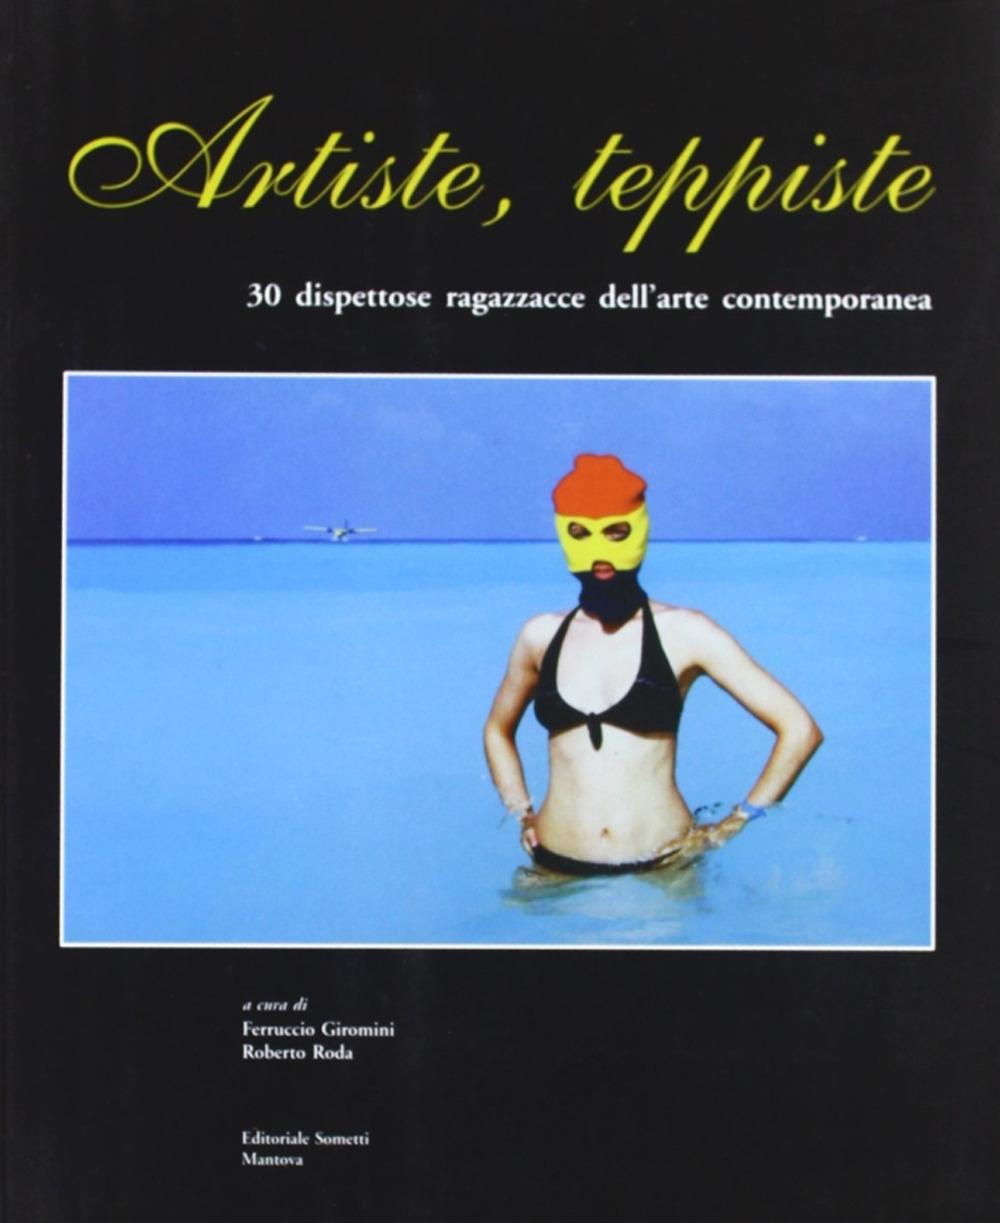 Artiste teppiste. 30 dispettose ragazzacce dell'arte contemporanea